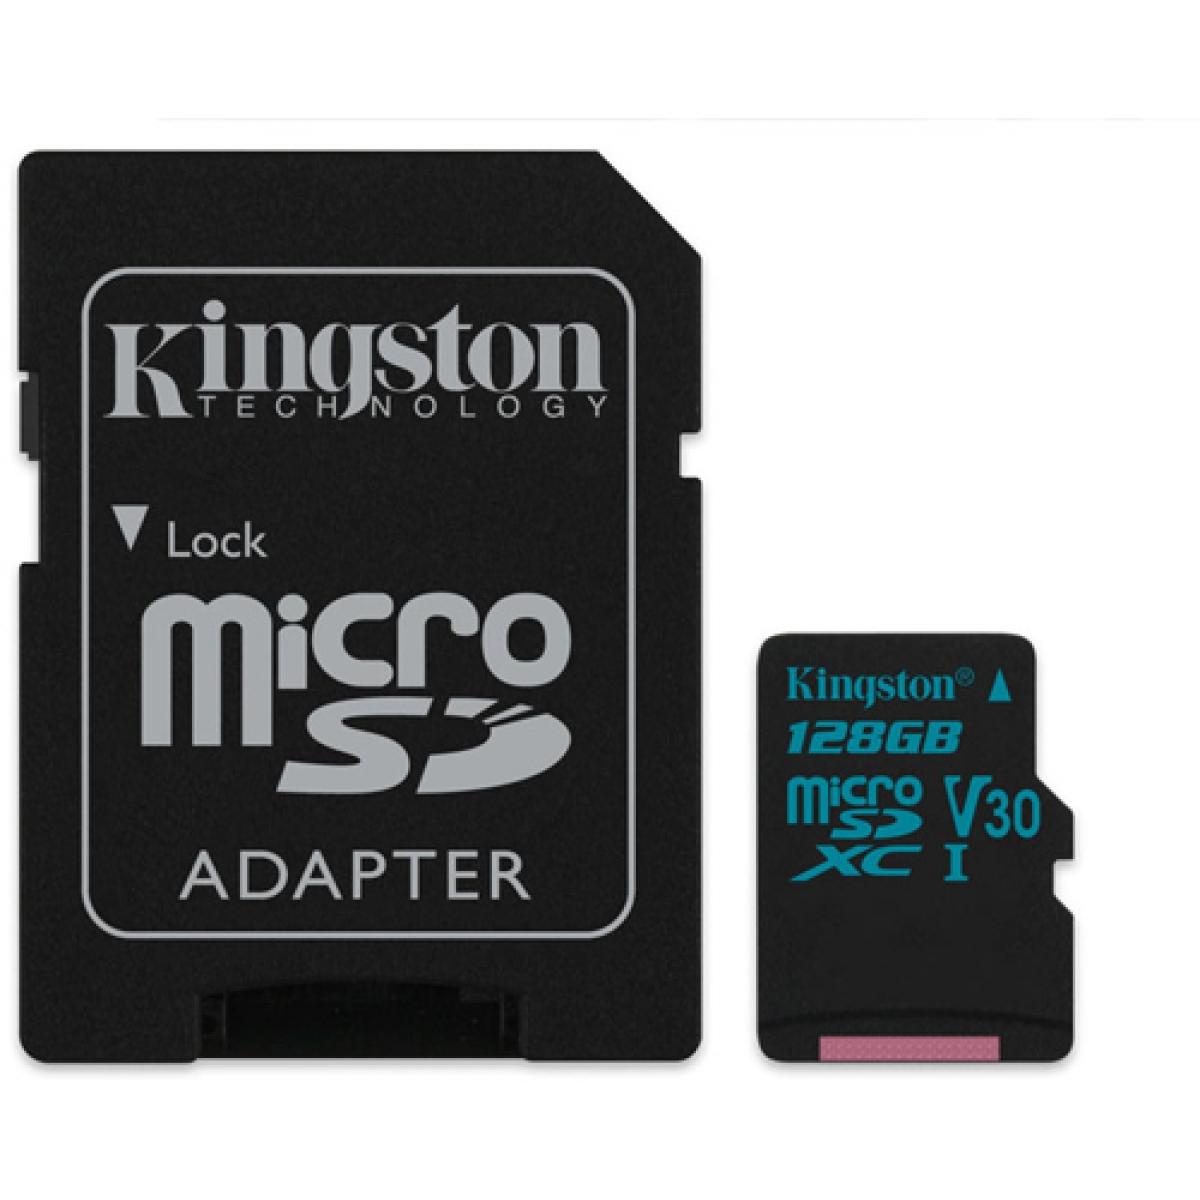 Cartão de Memória Kingston MICRO SDXC SDCG2/128GB 90R/45W UHS-I U3 V30 Canvas Go